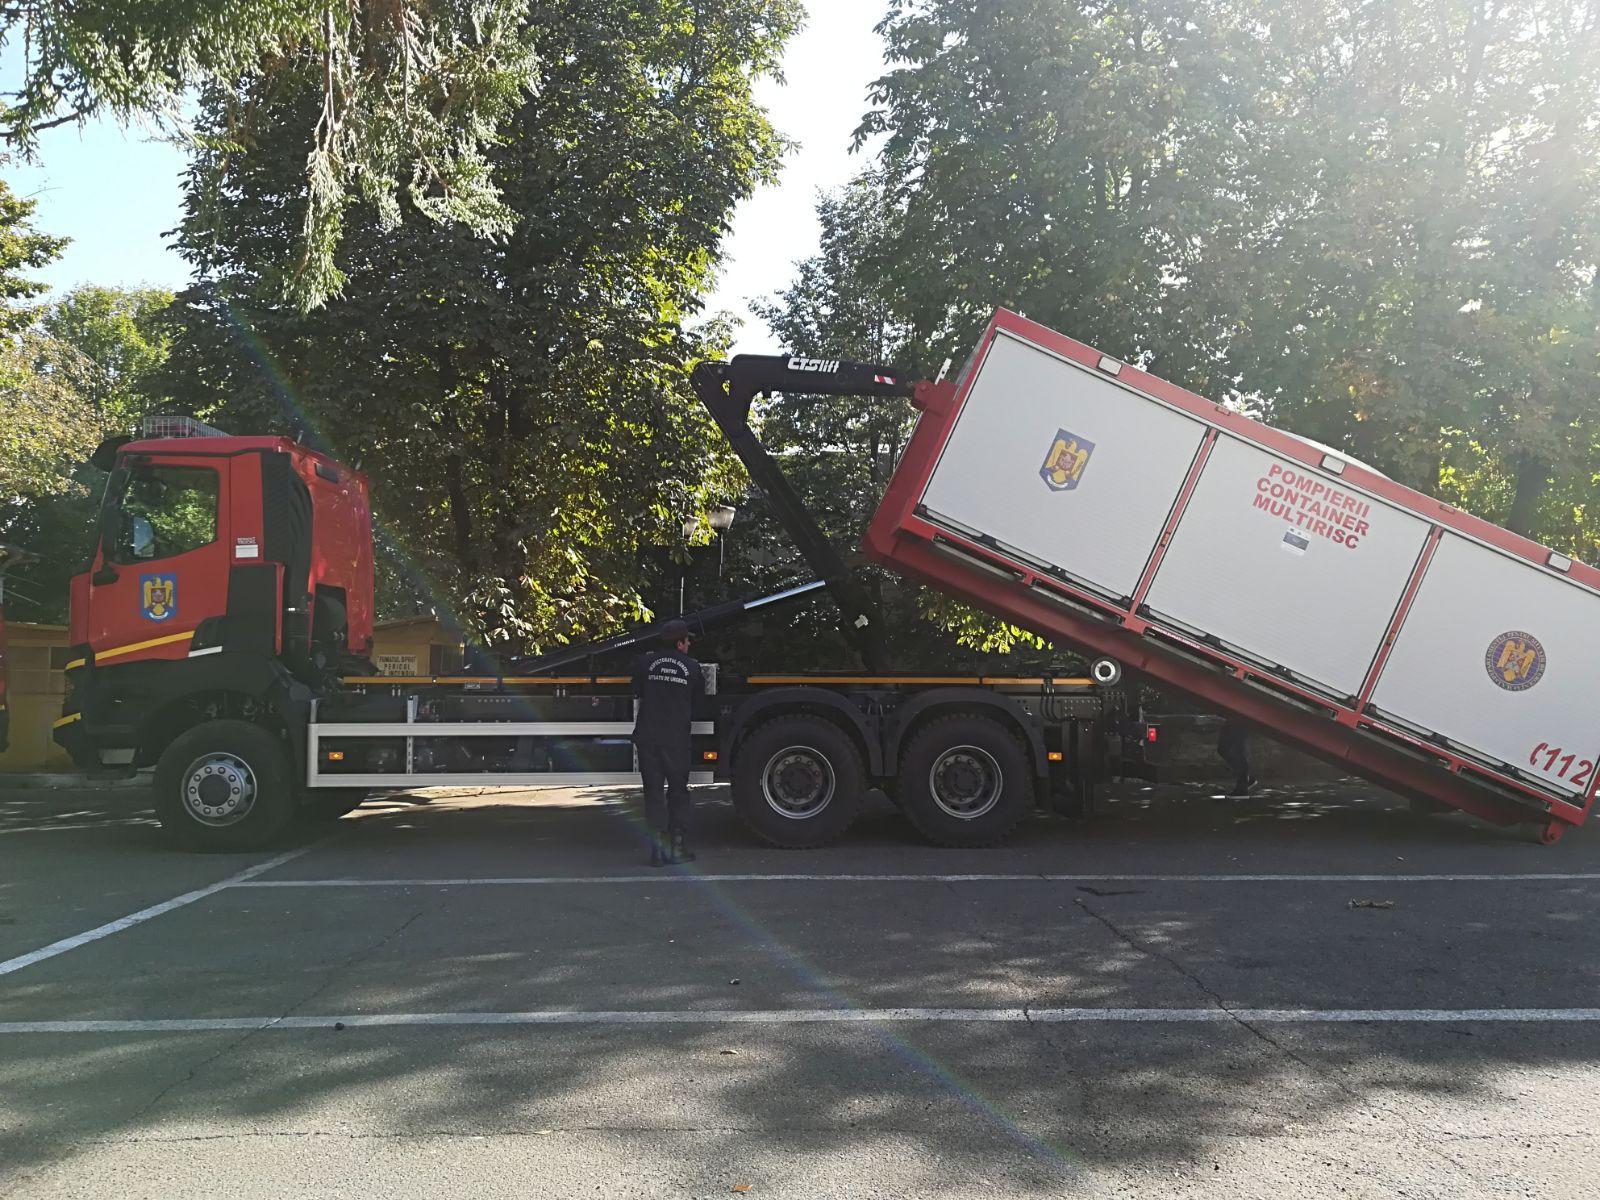 FOTO | Ce aparate conţine singurul Container Multirisc din Iaşi, pentru intervenţii la dezastre în zona Moldovei